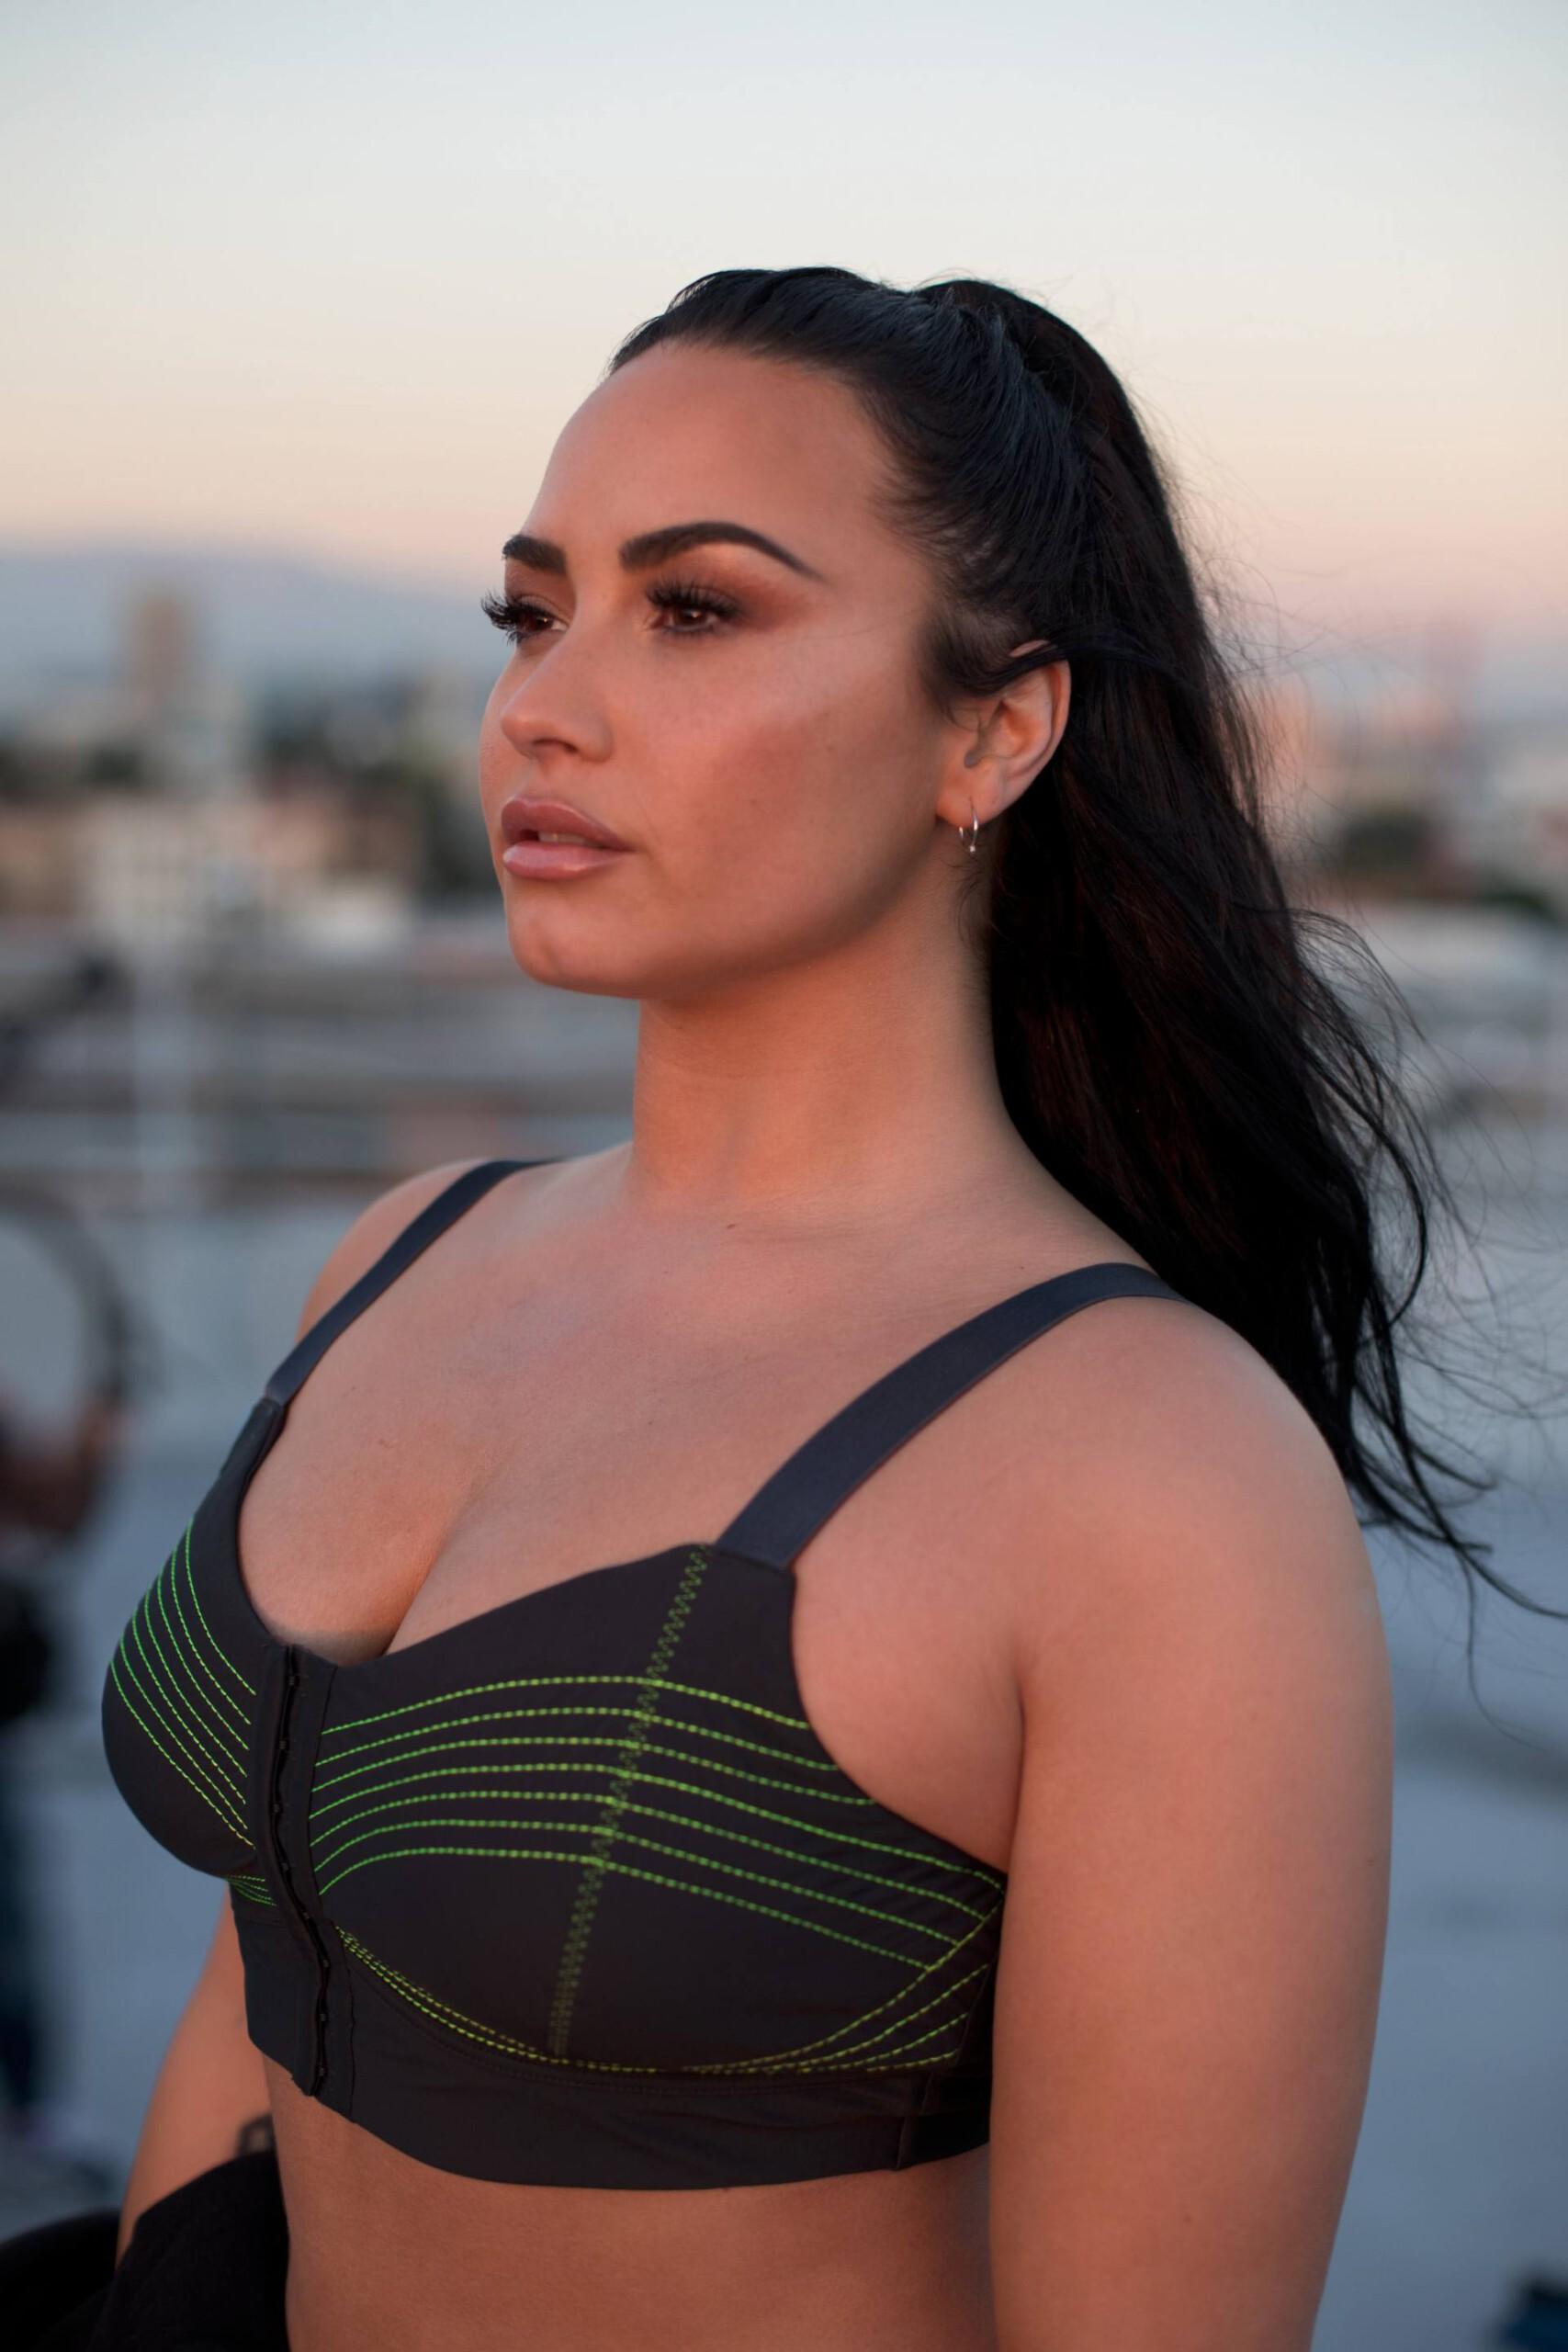 Demi Lovato Sexy Boobs In Sports Bra